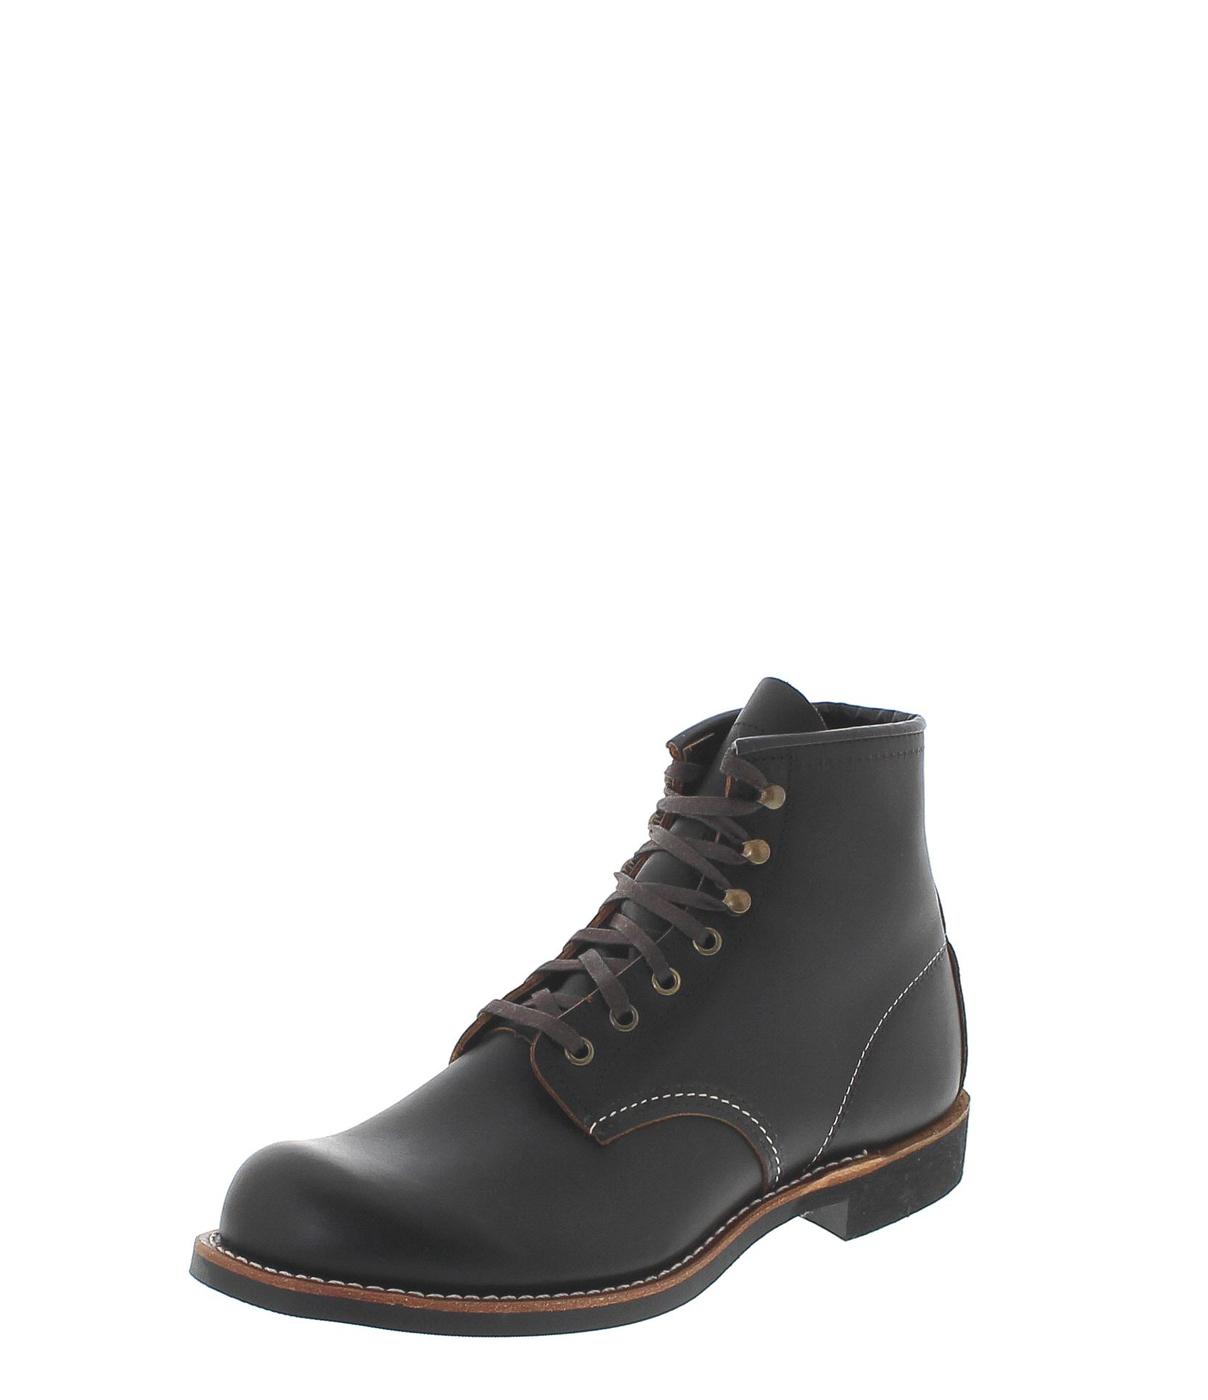 Red Wing Shoes 3345 BLACKSMITH Black Schnürstiefel - schwarz